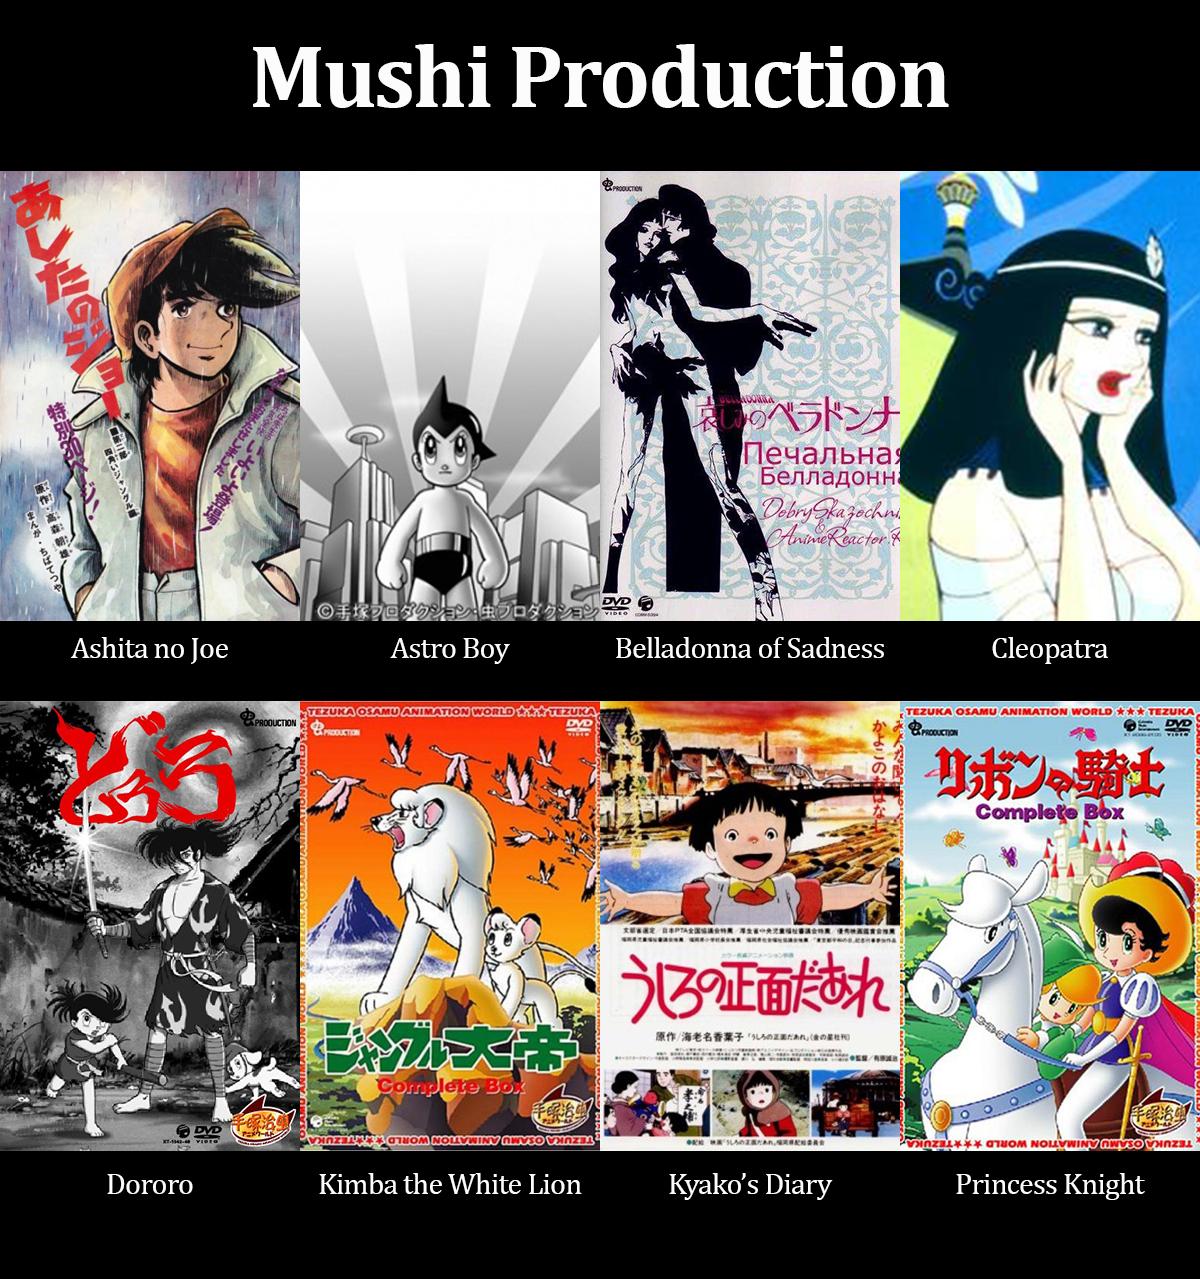 7. Mushi-Pro anime